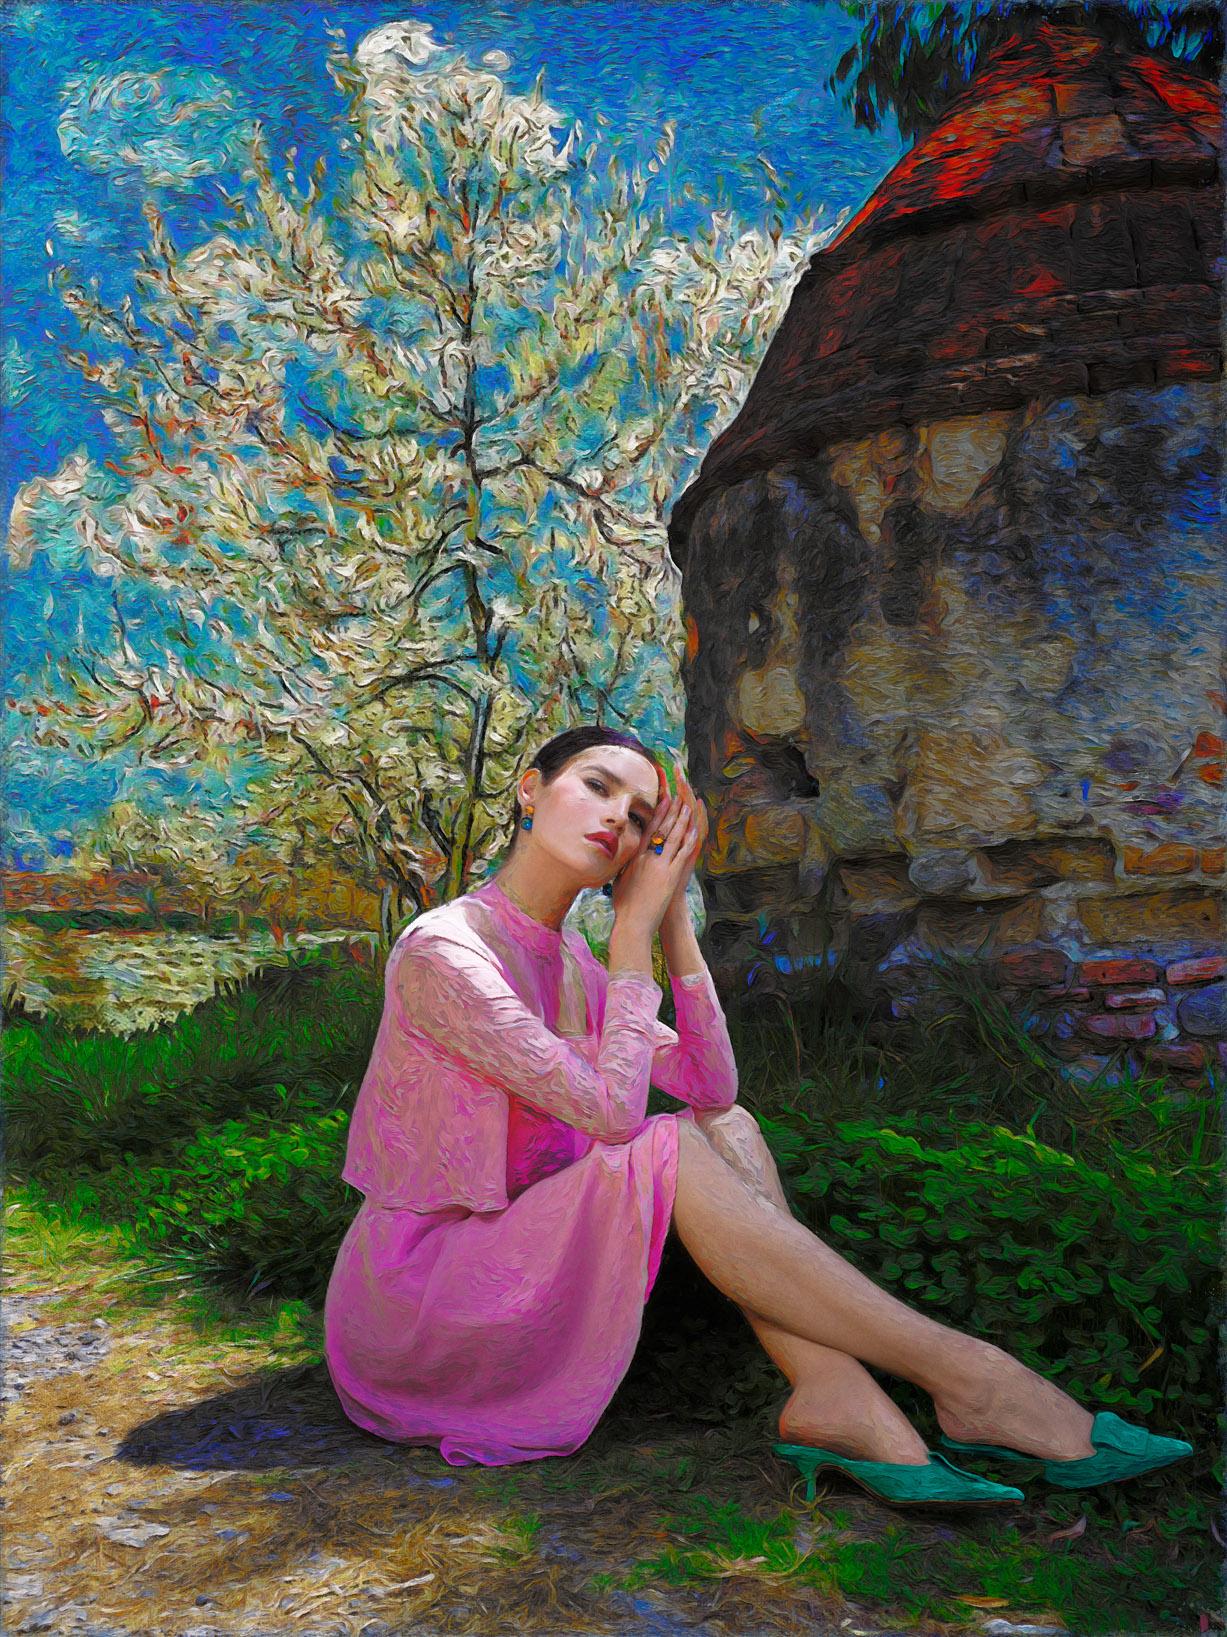 Реклама ювелирных изделий в стиле Ван Гога / фото 05